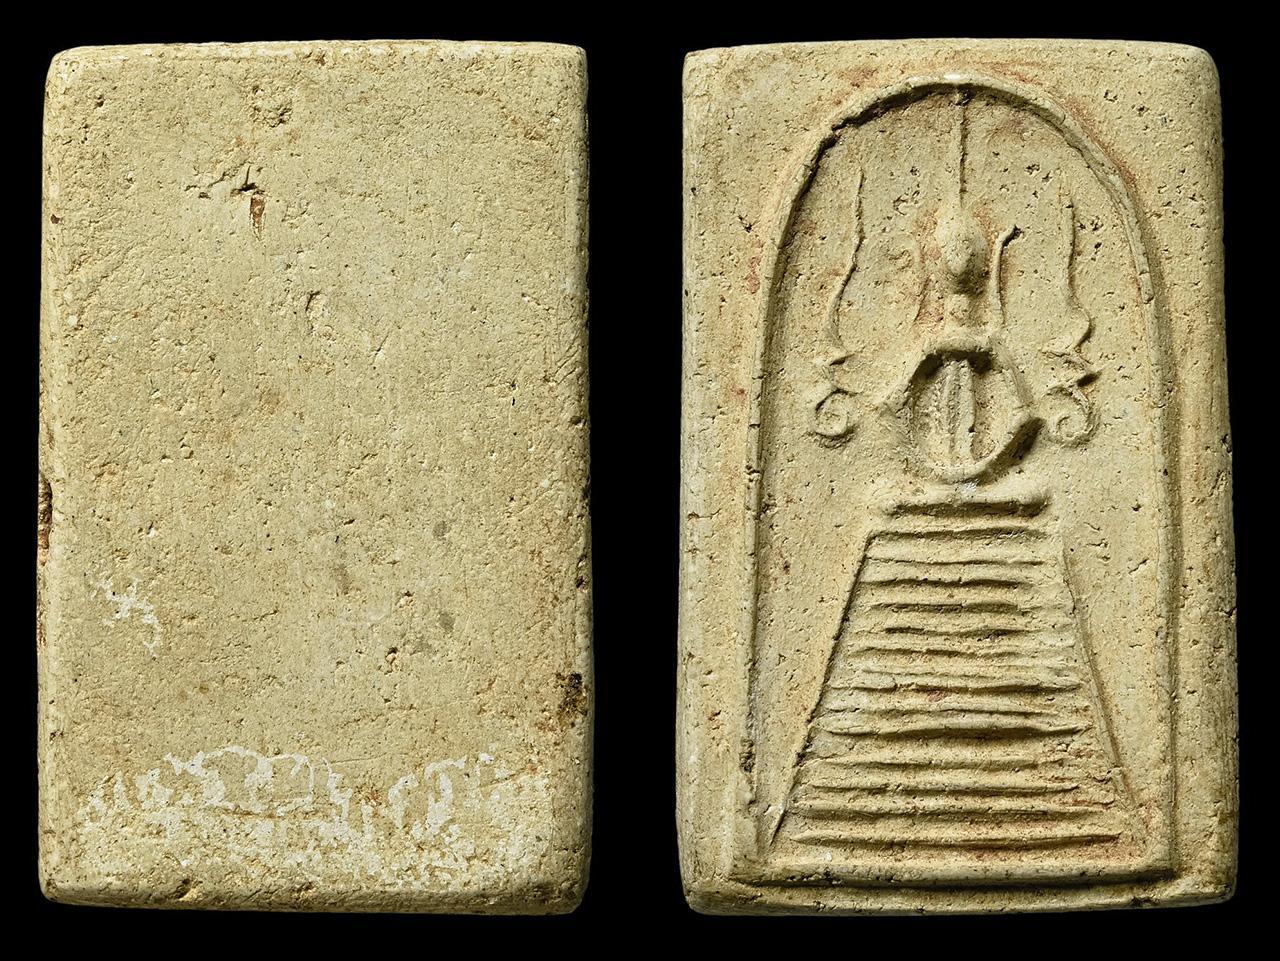 พระสมเด็จ พิมพ์แซยิด แขนหักศอก หลวงปู่ภู วัดอินทรวิหาร ของสถิต ราชบุรี.